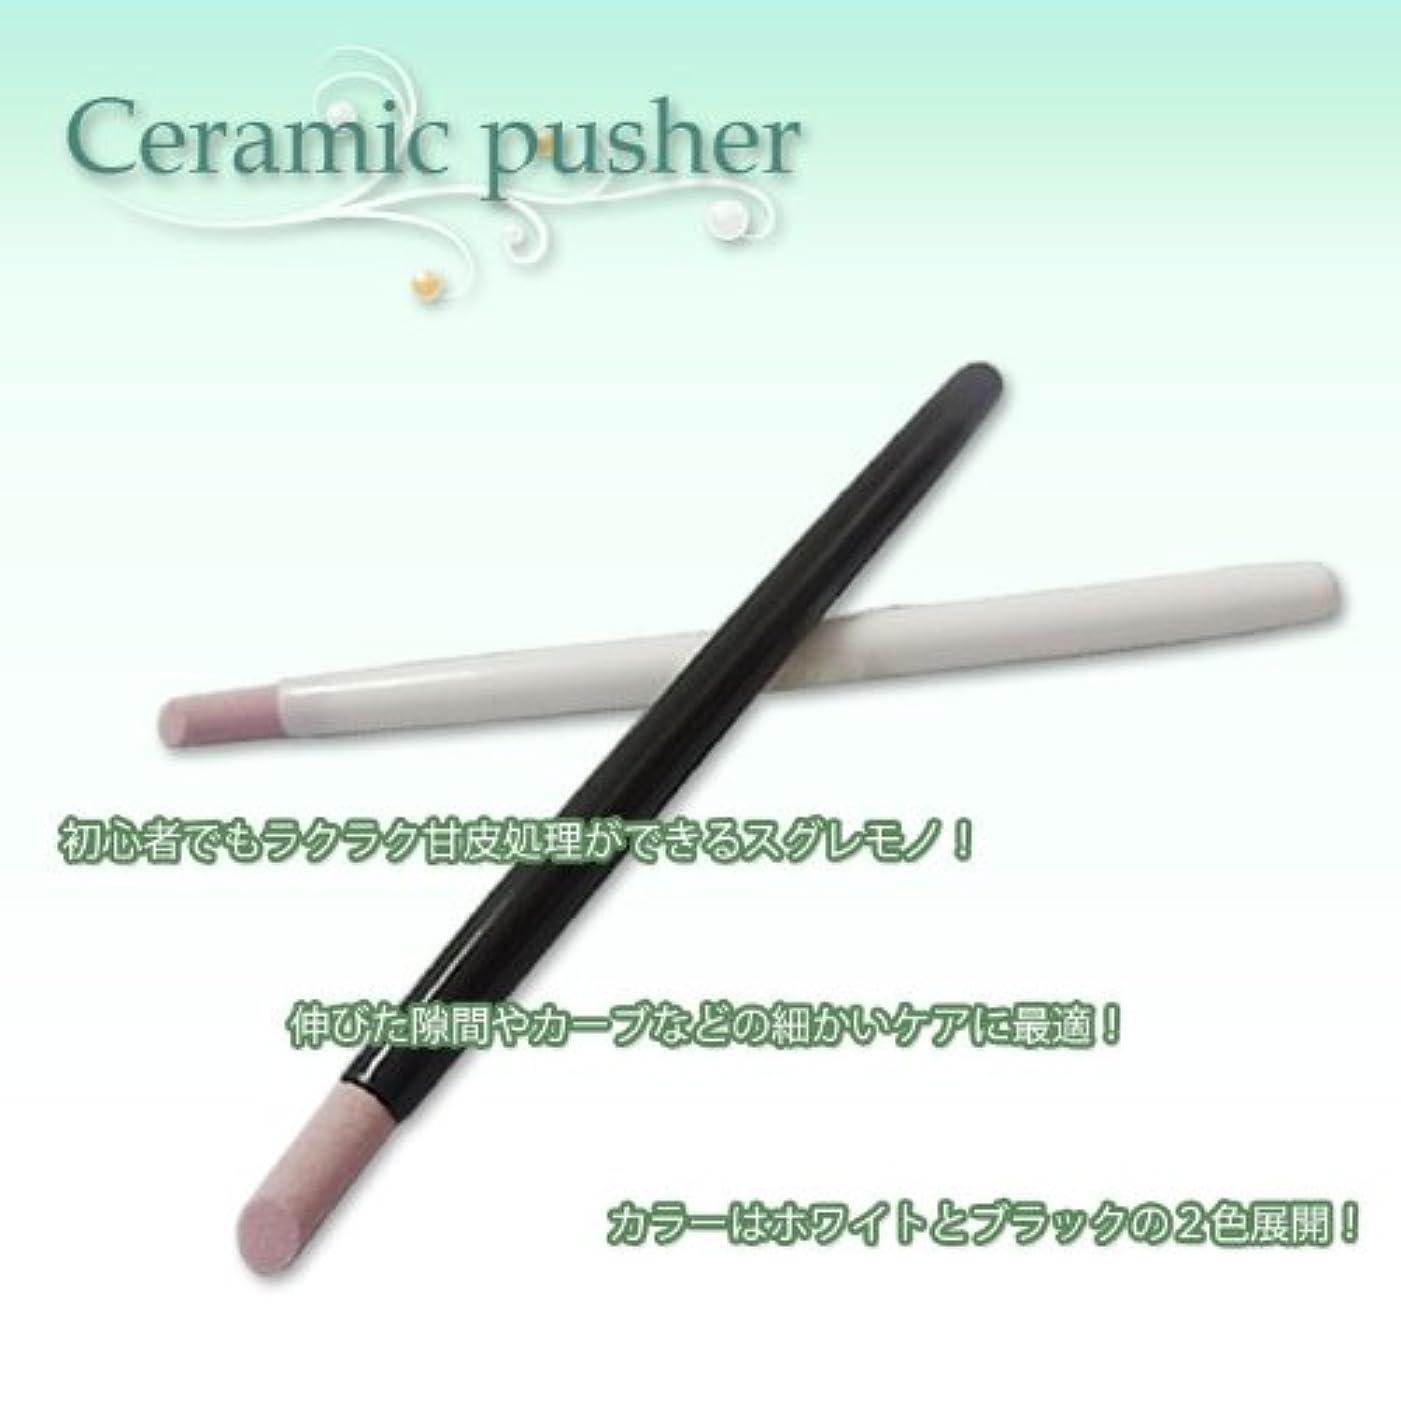 暴徒後簡単に【ジェルネイル】セラミックプッシャー〈 簡単便利なペンタイプ 〉全長140mm (ブラック)